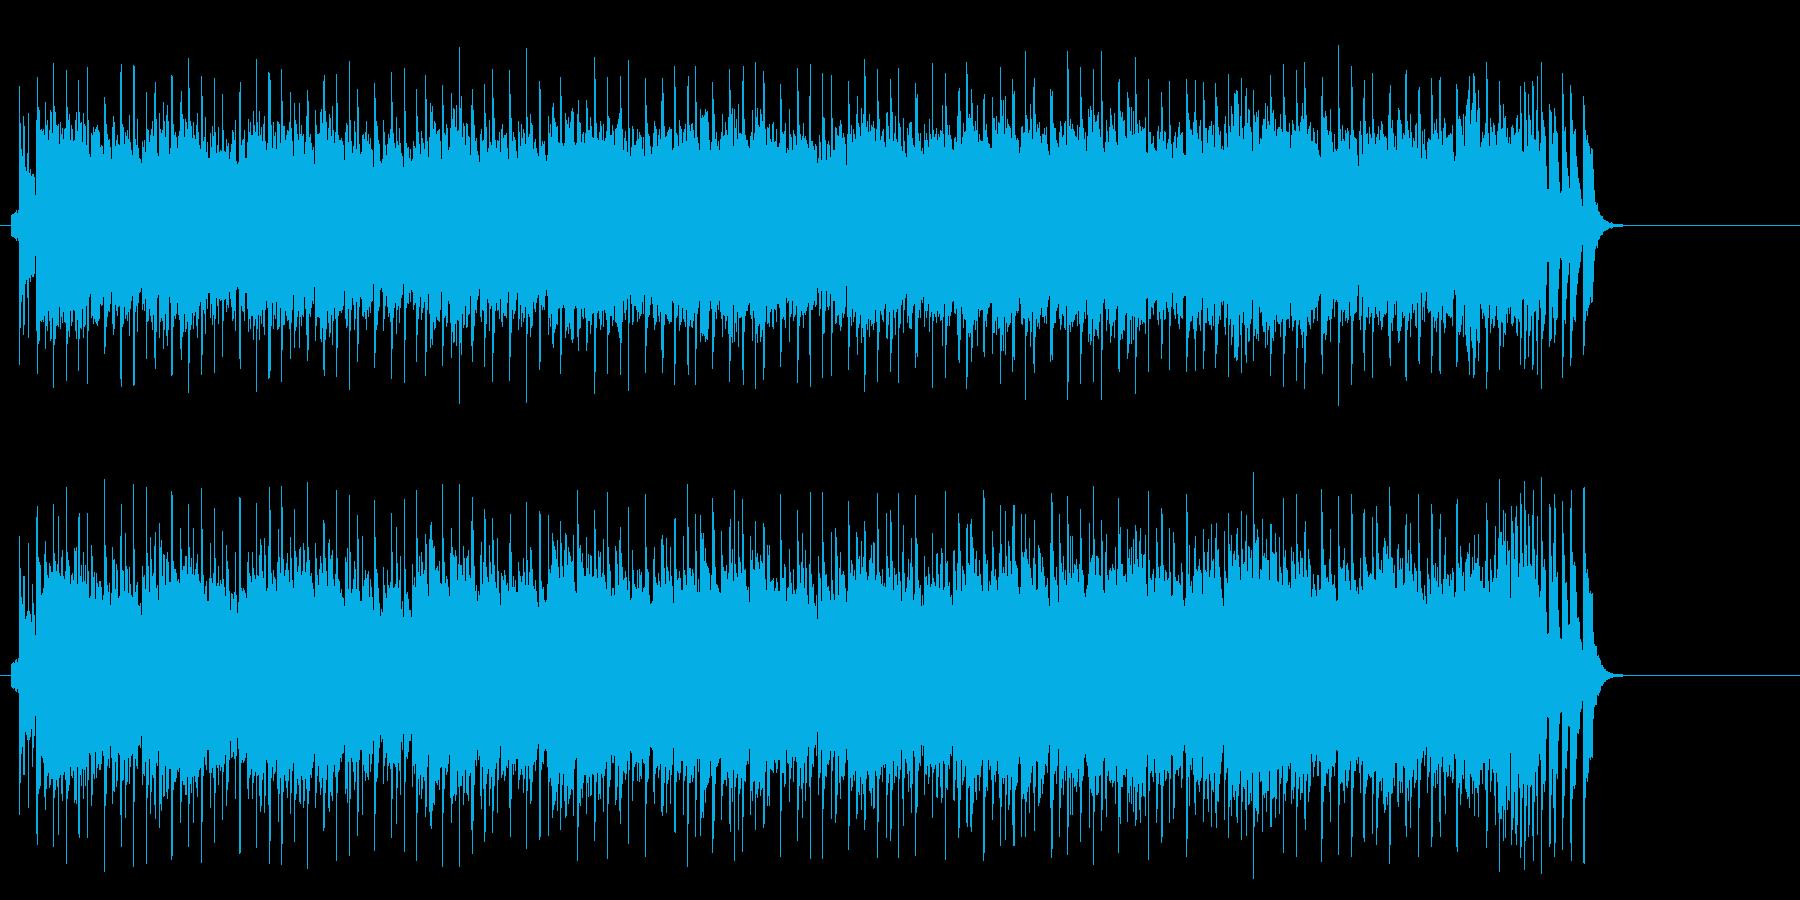 スイートなフィラデルフィア・ソウル風の再生済みの波形